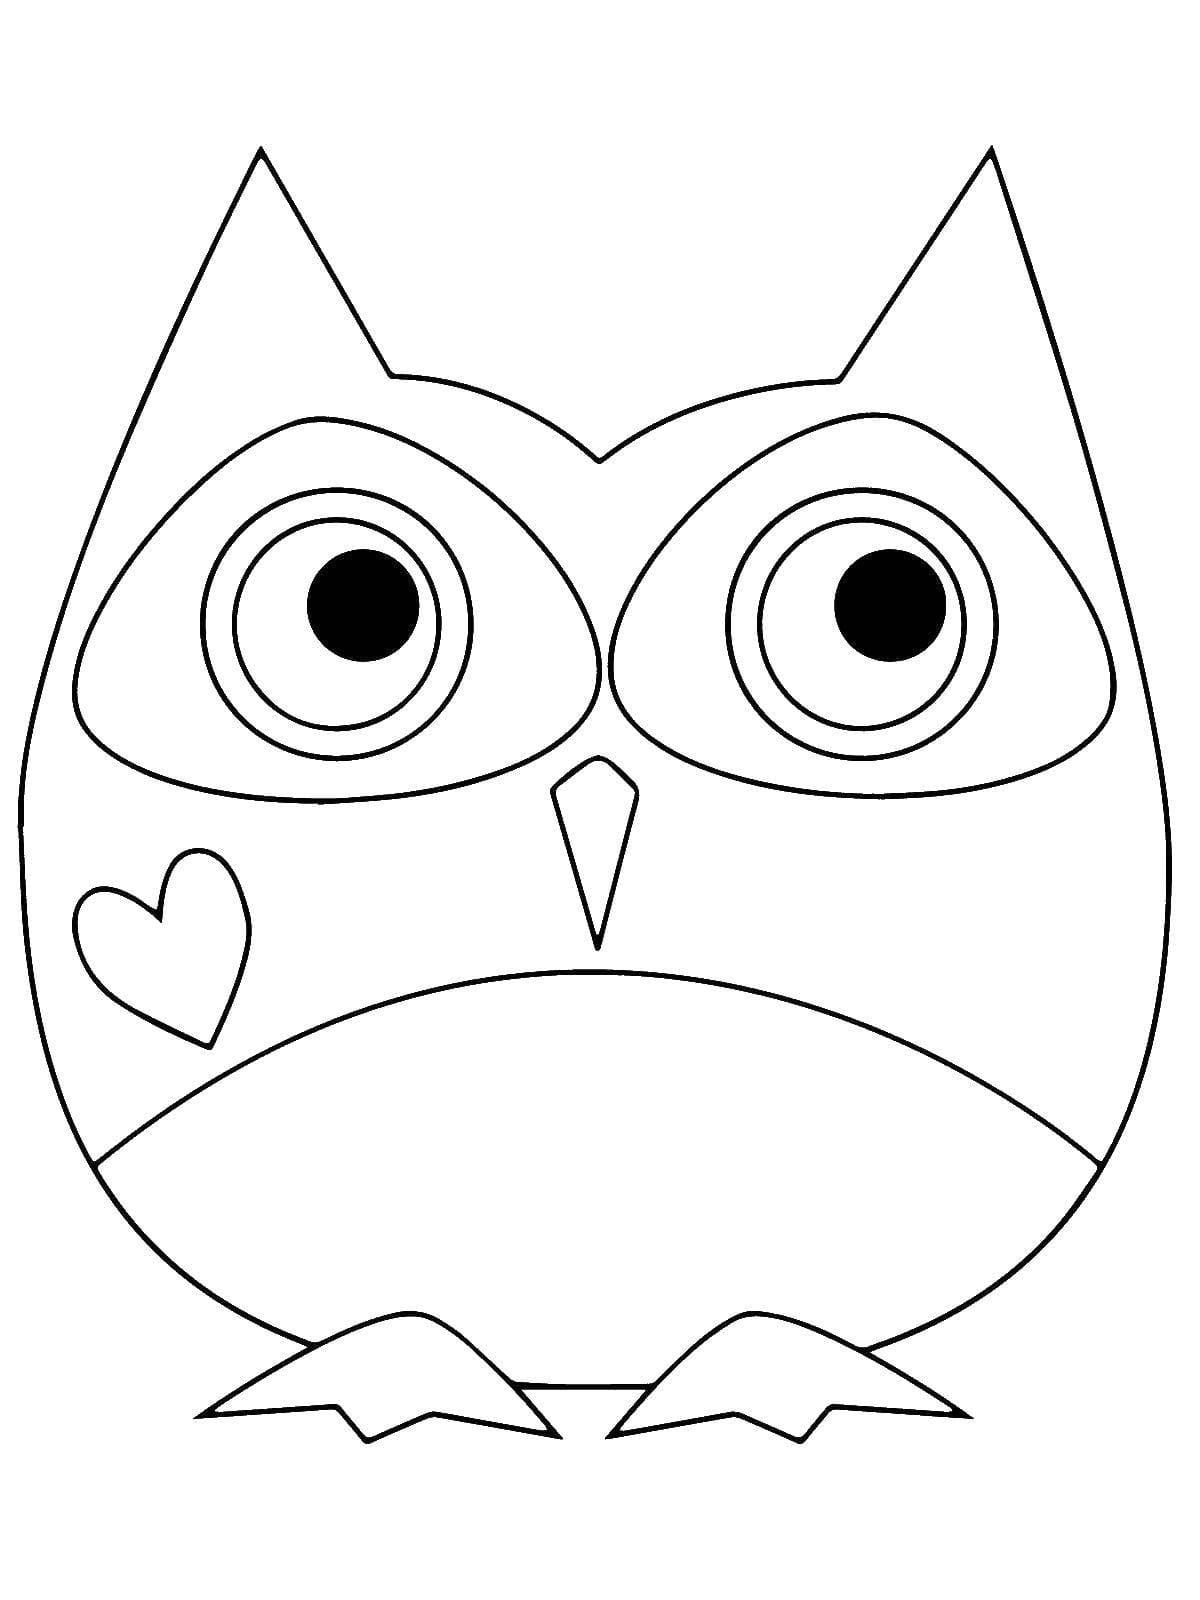 Картинка совушки для раскрашивания